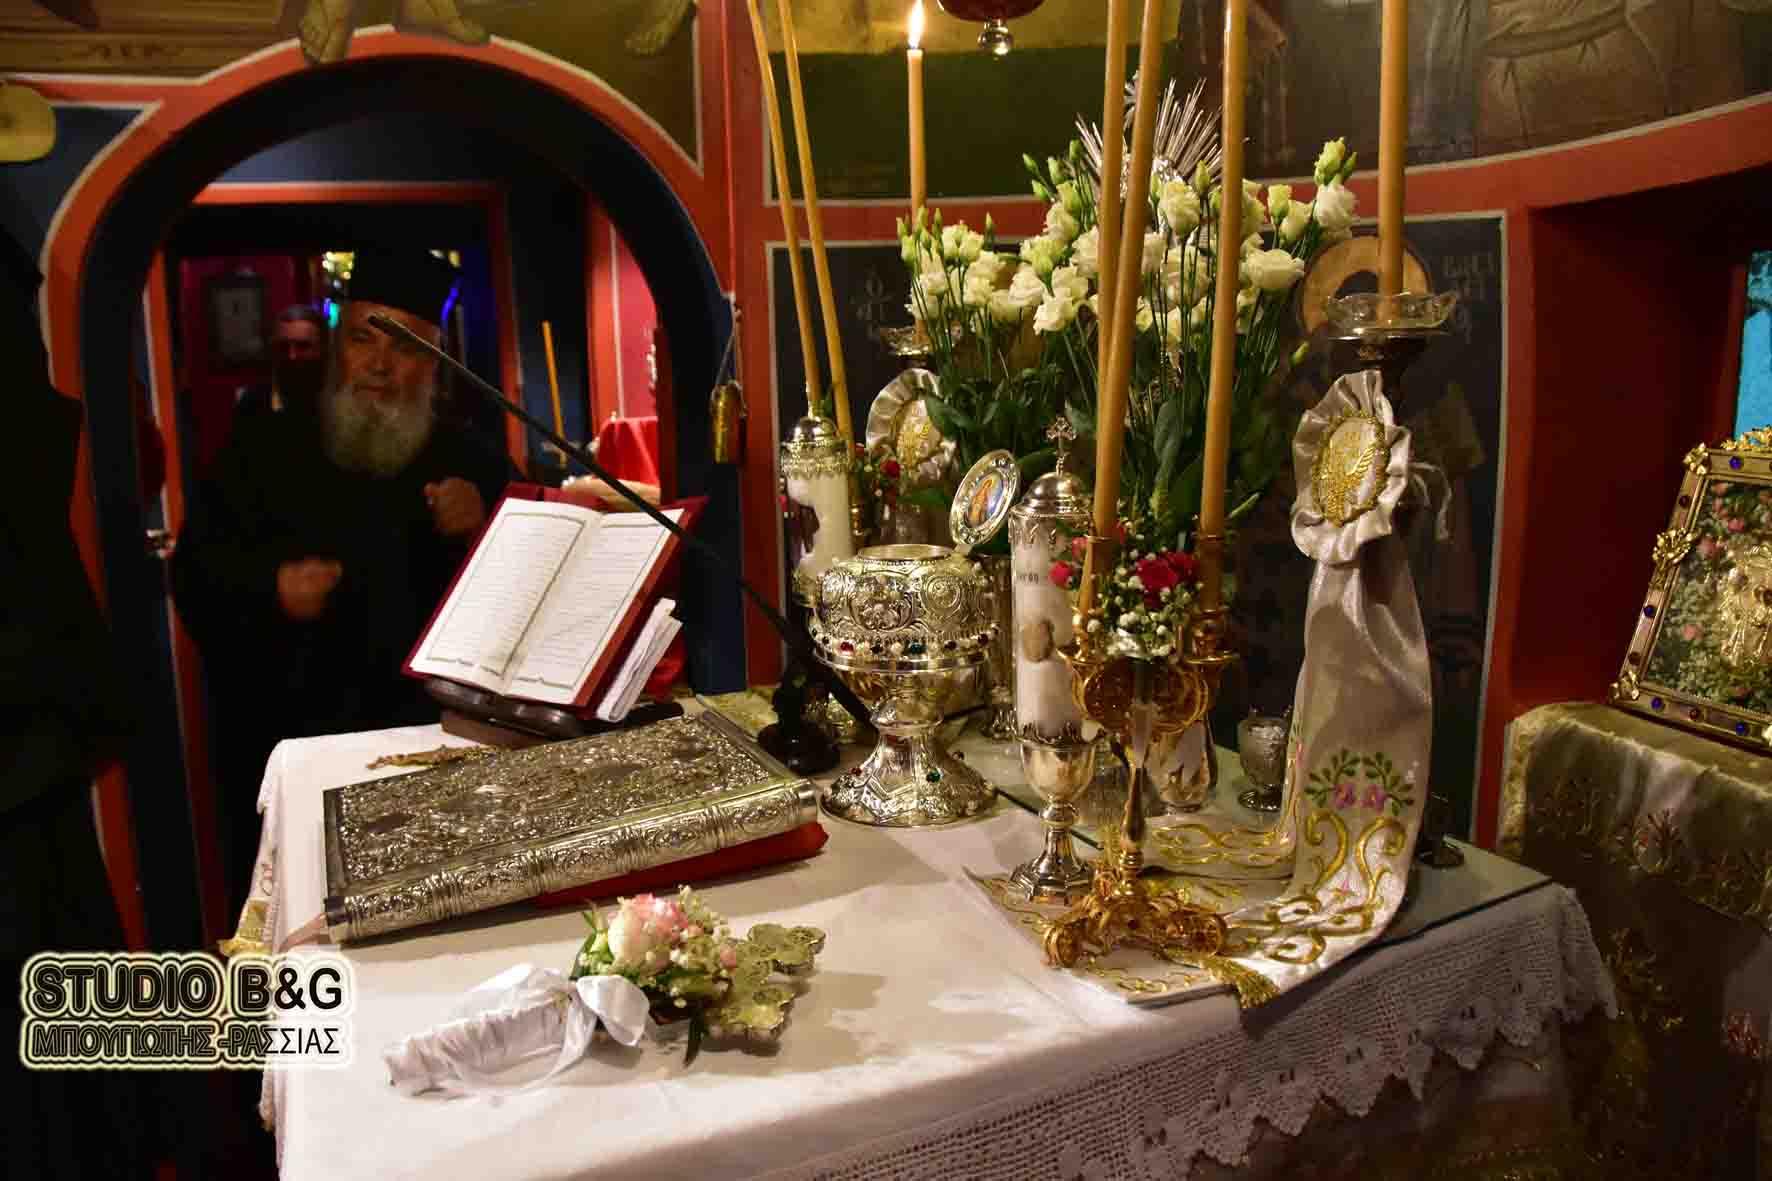 ΤΑ ΕΙΣΟΔΙΑ ΤΗΣ ΘΕΟΤΙΚΟΥ ΣΤΗΝ ΙΣΤΟΡΙΚΗ ΜΟΝΗ ΠΑΝΑΓΙΑΣ ΠΟΡΤΟΚΑΛΟΥΣΑΣ ΑΡΓΟΥΣ